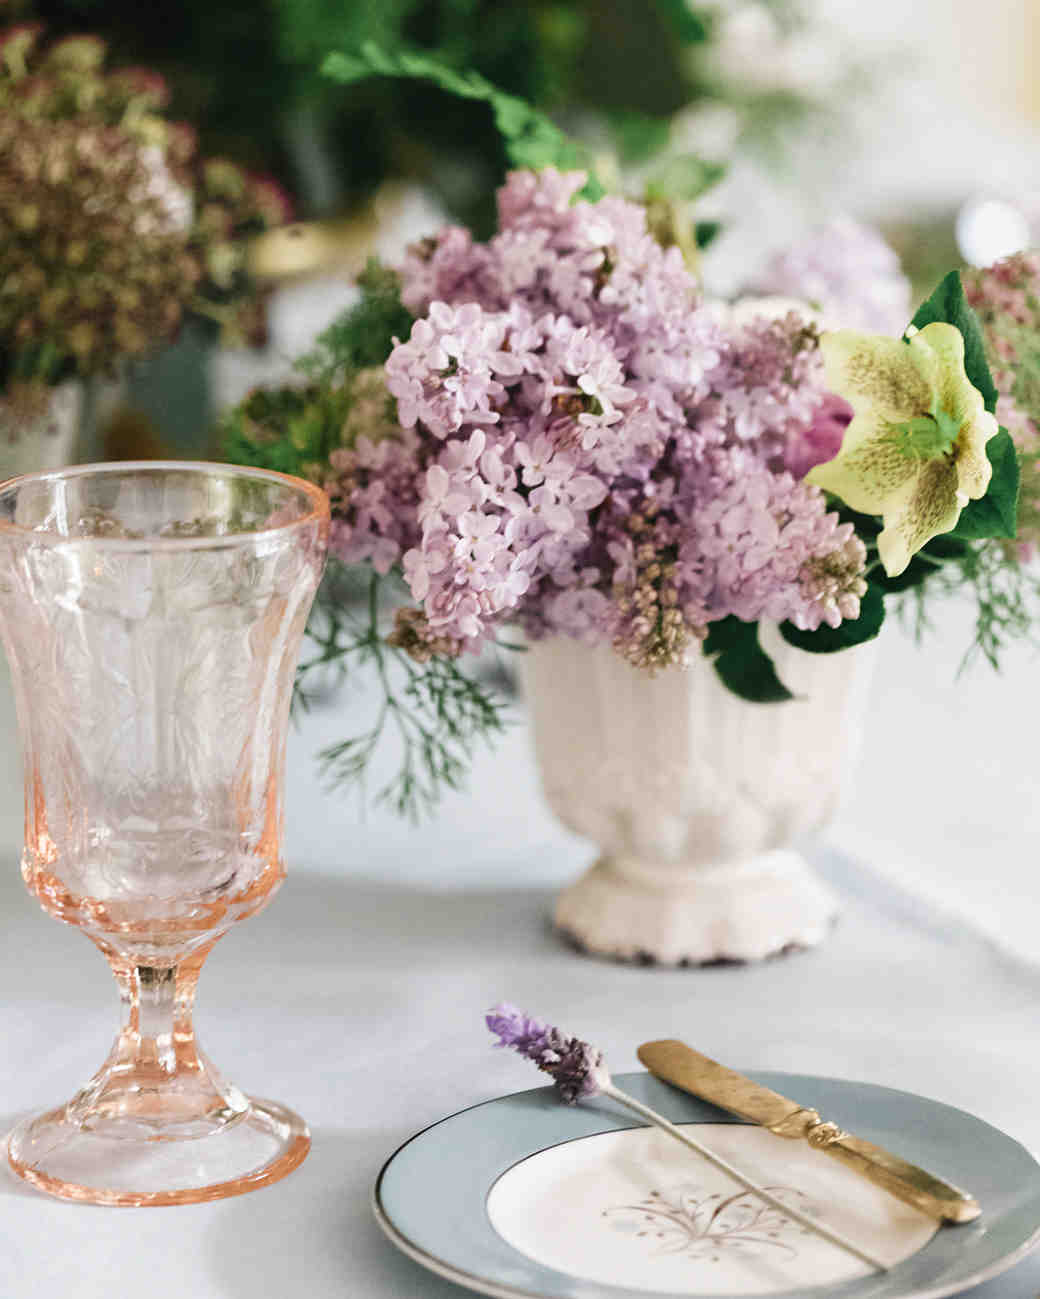 margo-me-bridal-shower-table-7177-s112194-0515.jpg